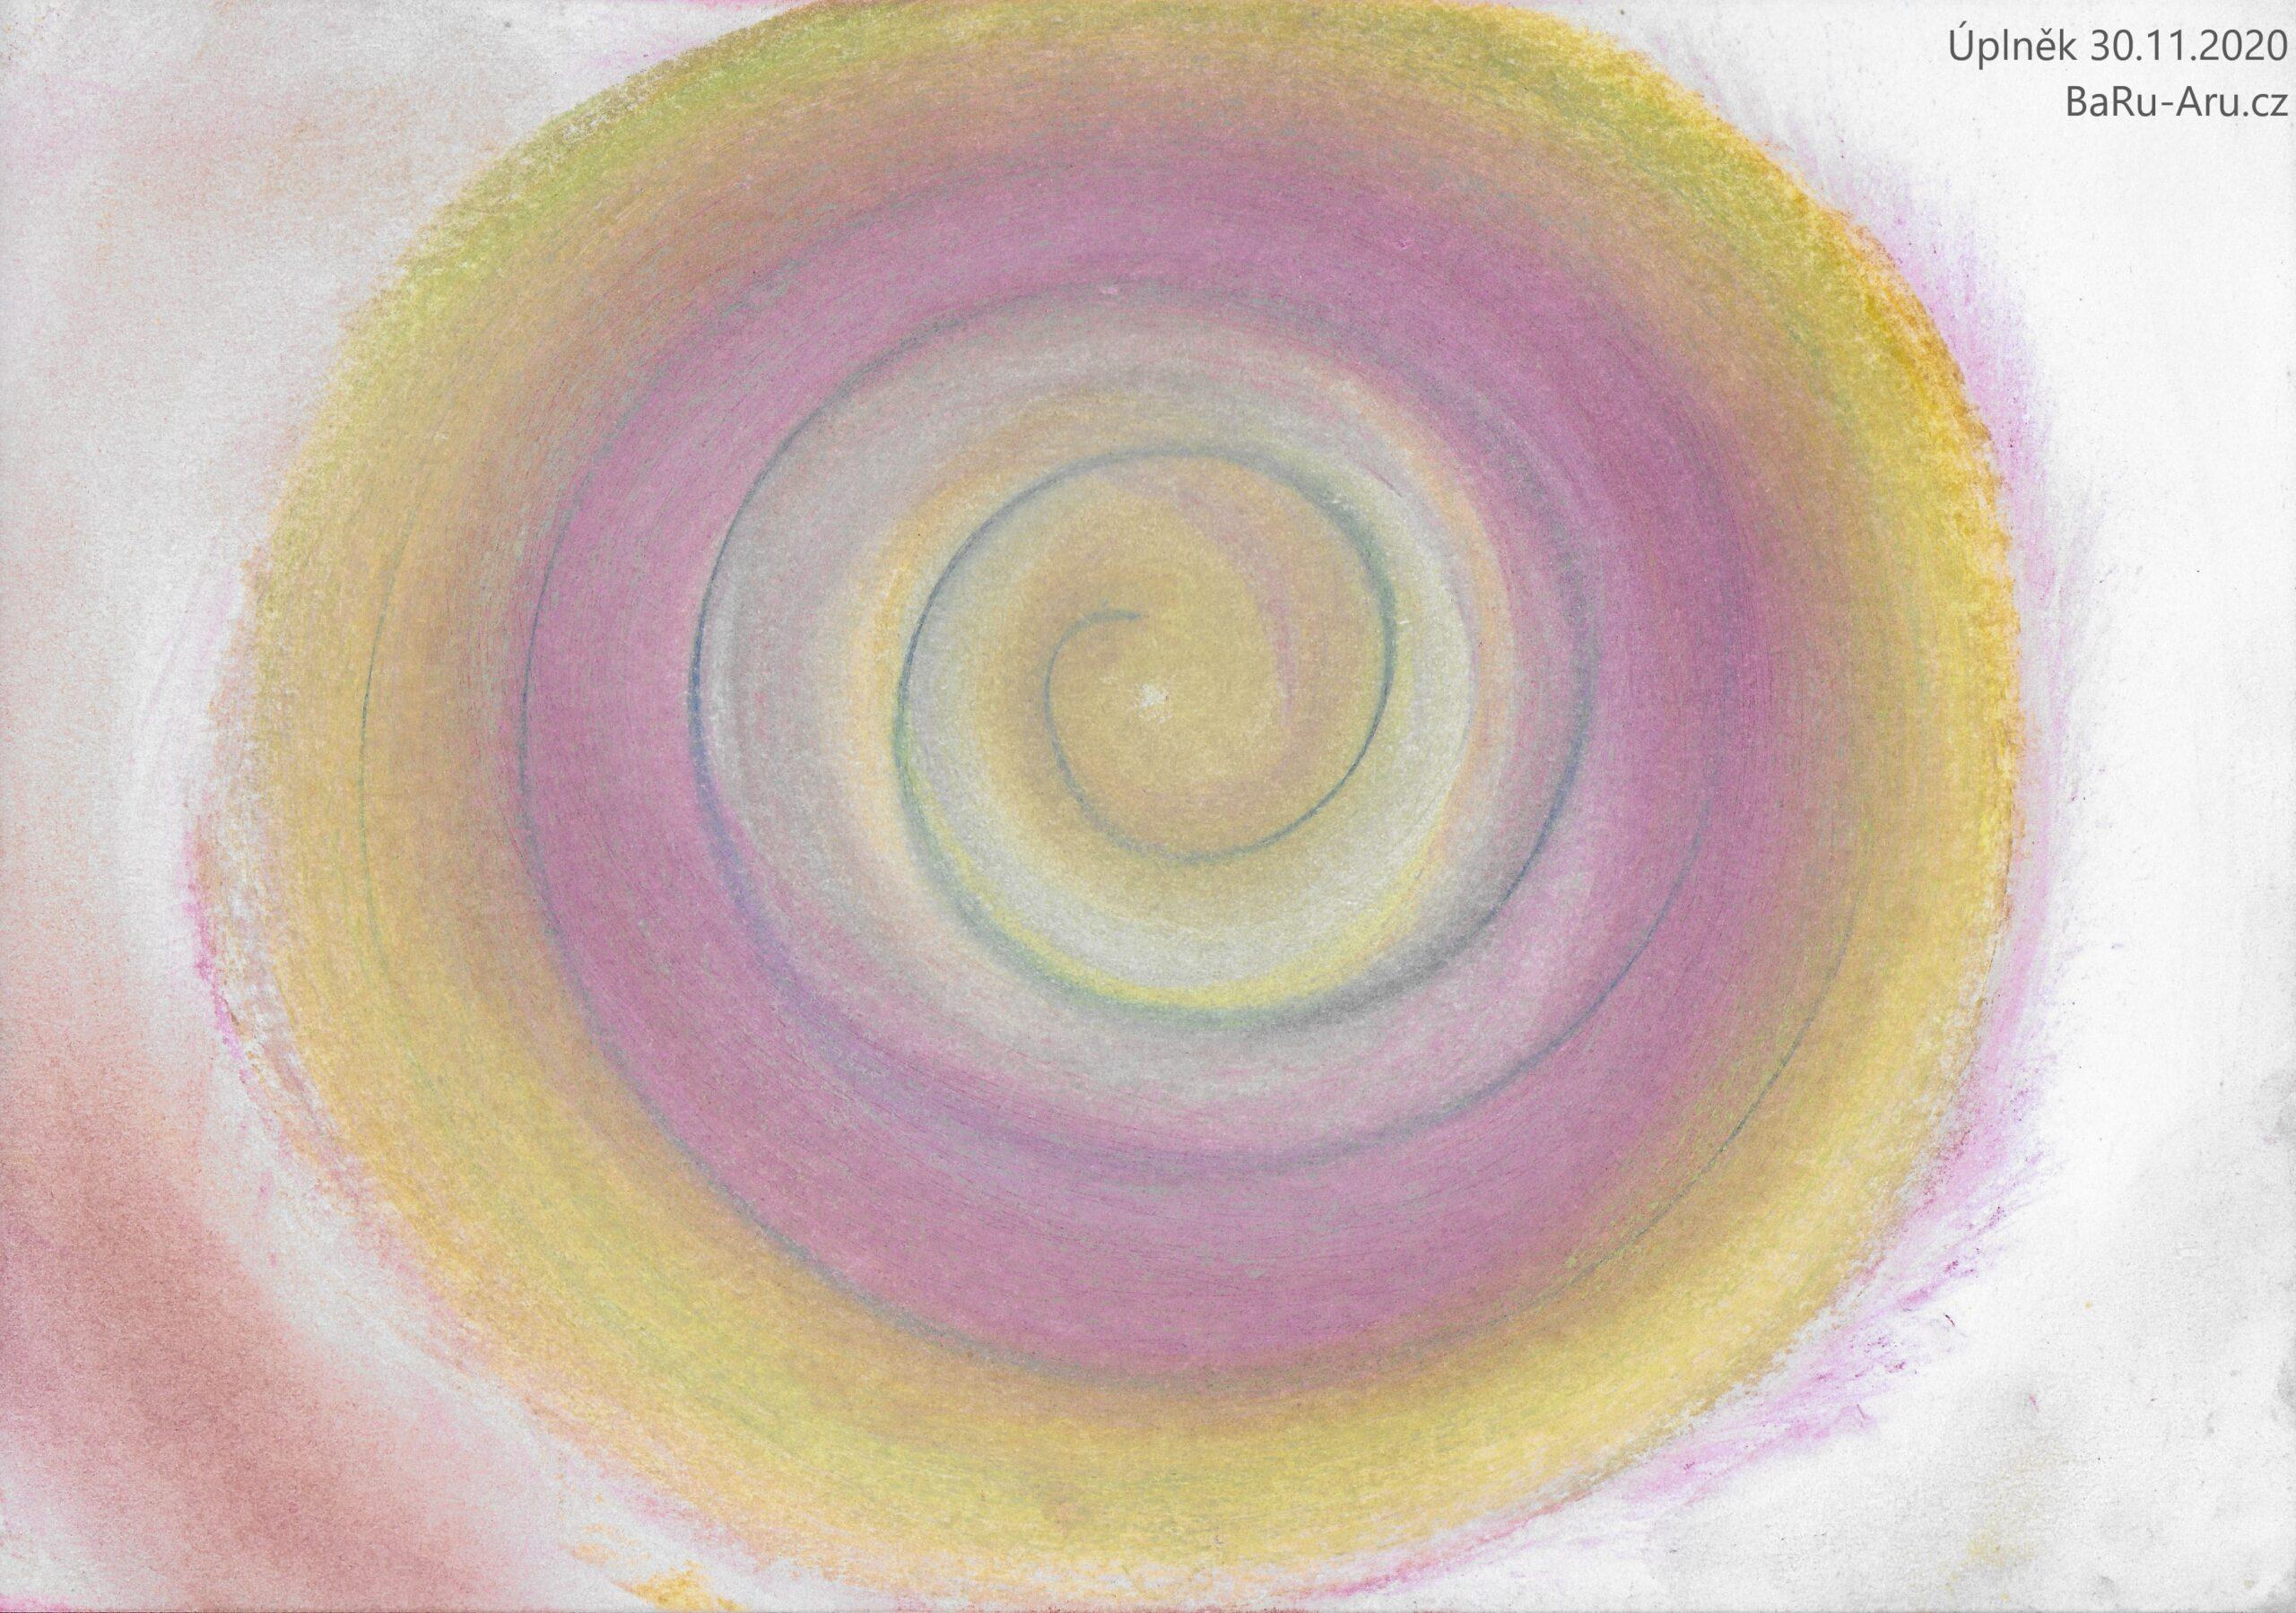 BaRu-Aru: Duhové nebe o adventu